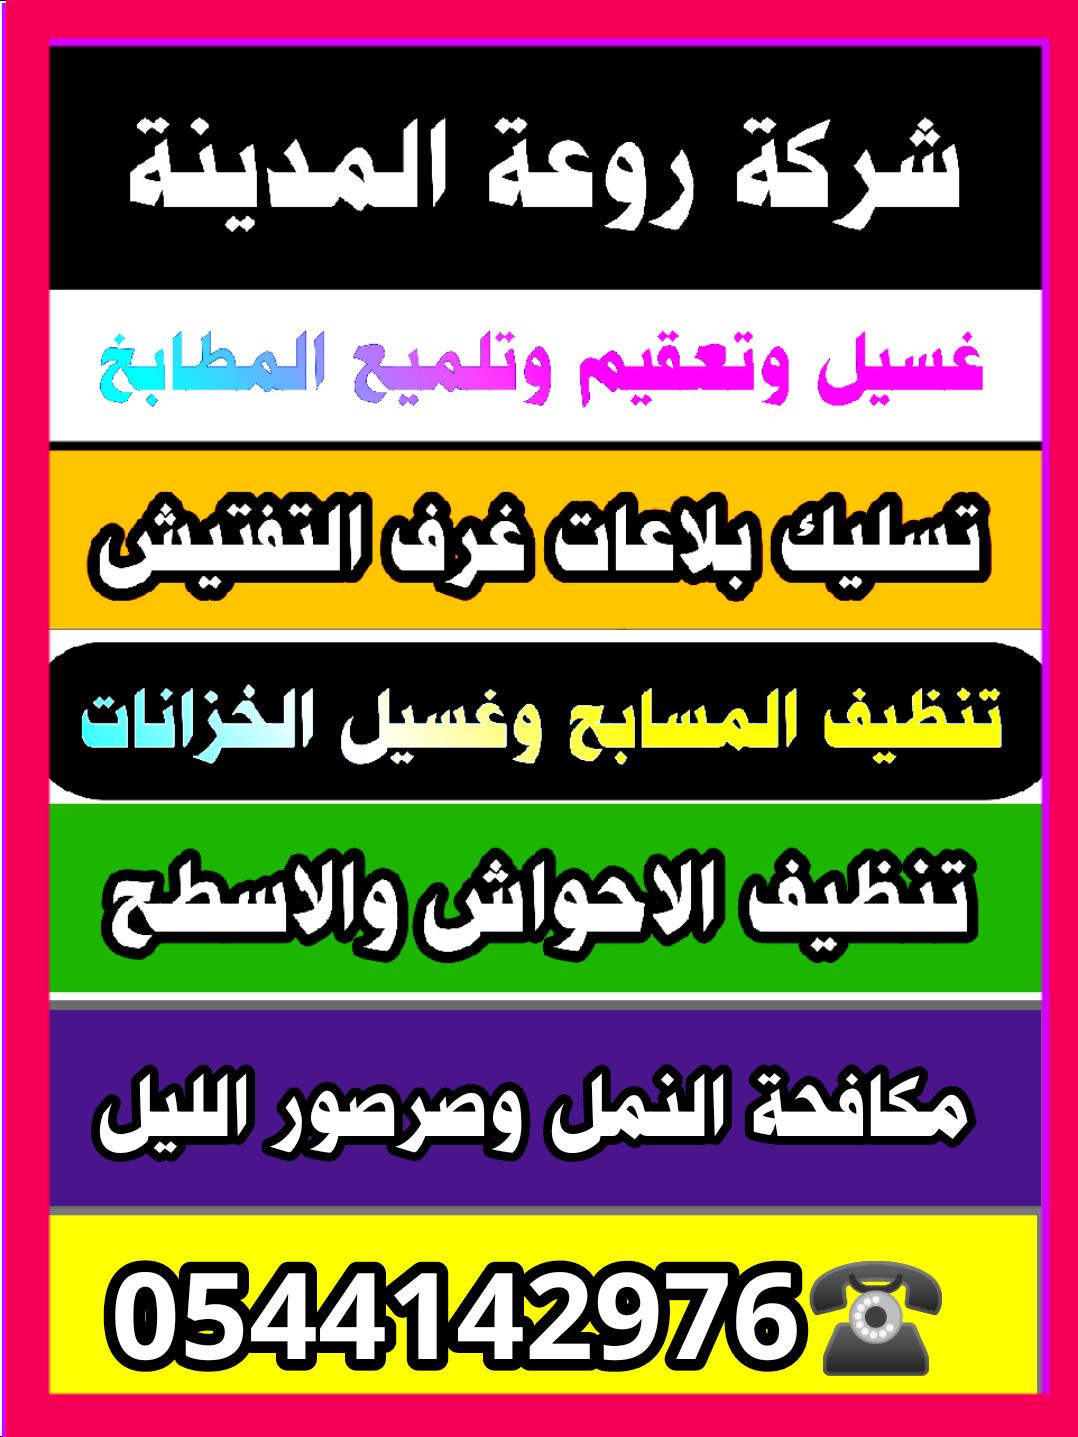 شركة رش حشرات بالمدينة المنورة 0544142976 افضل شركة مكافحة جميع انواع الحشرات والقضاء عليها بالمدينة المنورة إذا كنت بحاجة إلى Calligraphy Arabic Calligraphy